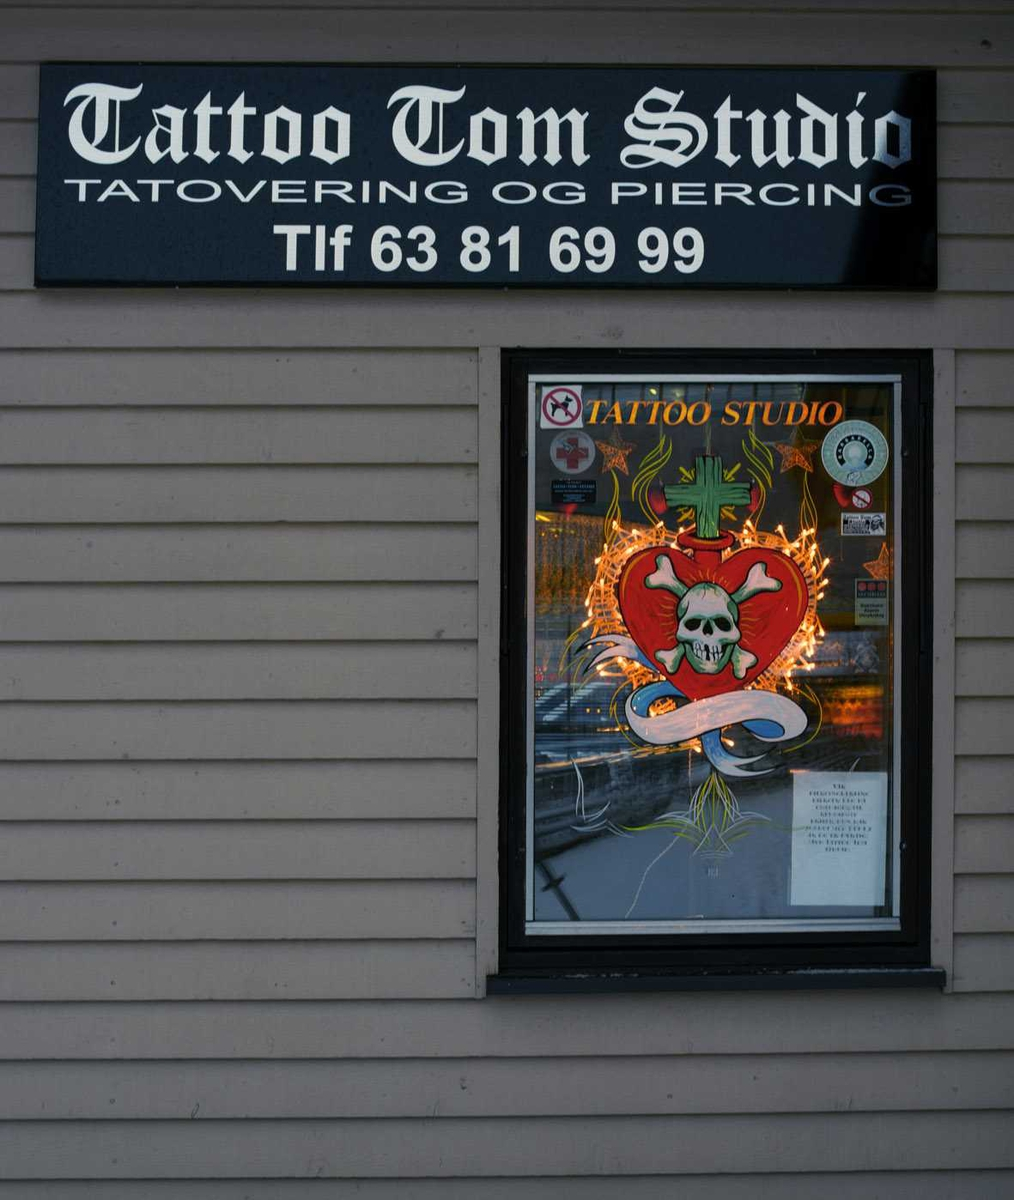 Julebelysning.  Hvite lys i krans rundt om hjerte med dødningehode og kors i vindu til Tattoo Tom Studio.